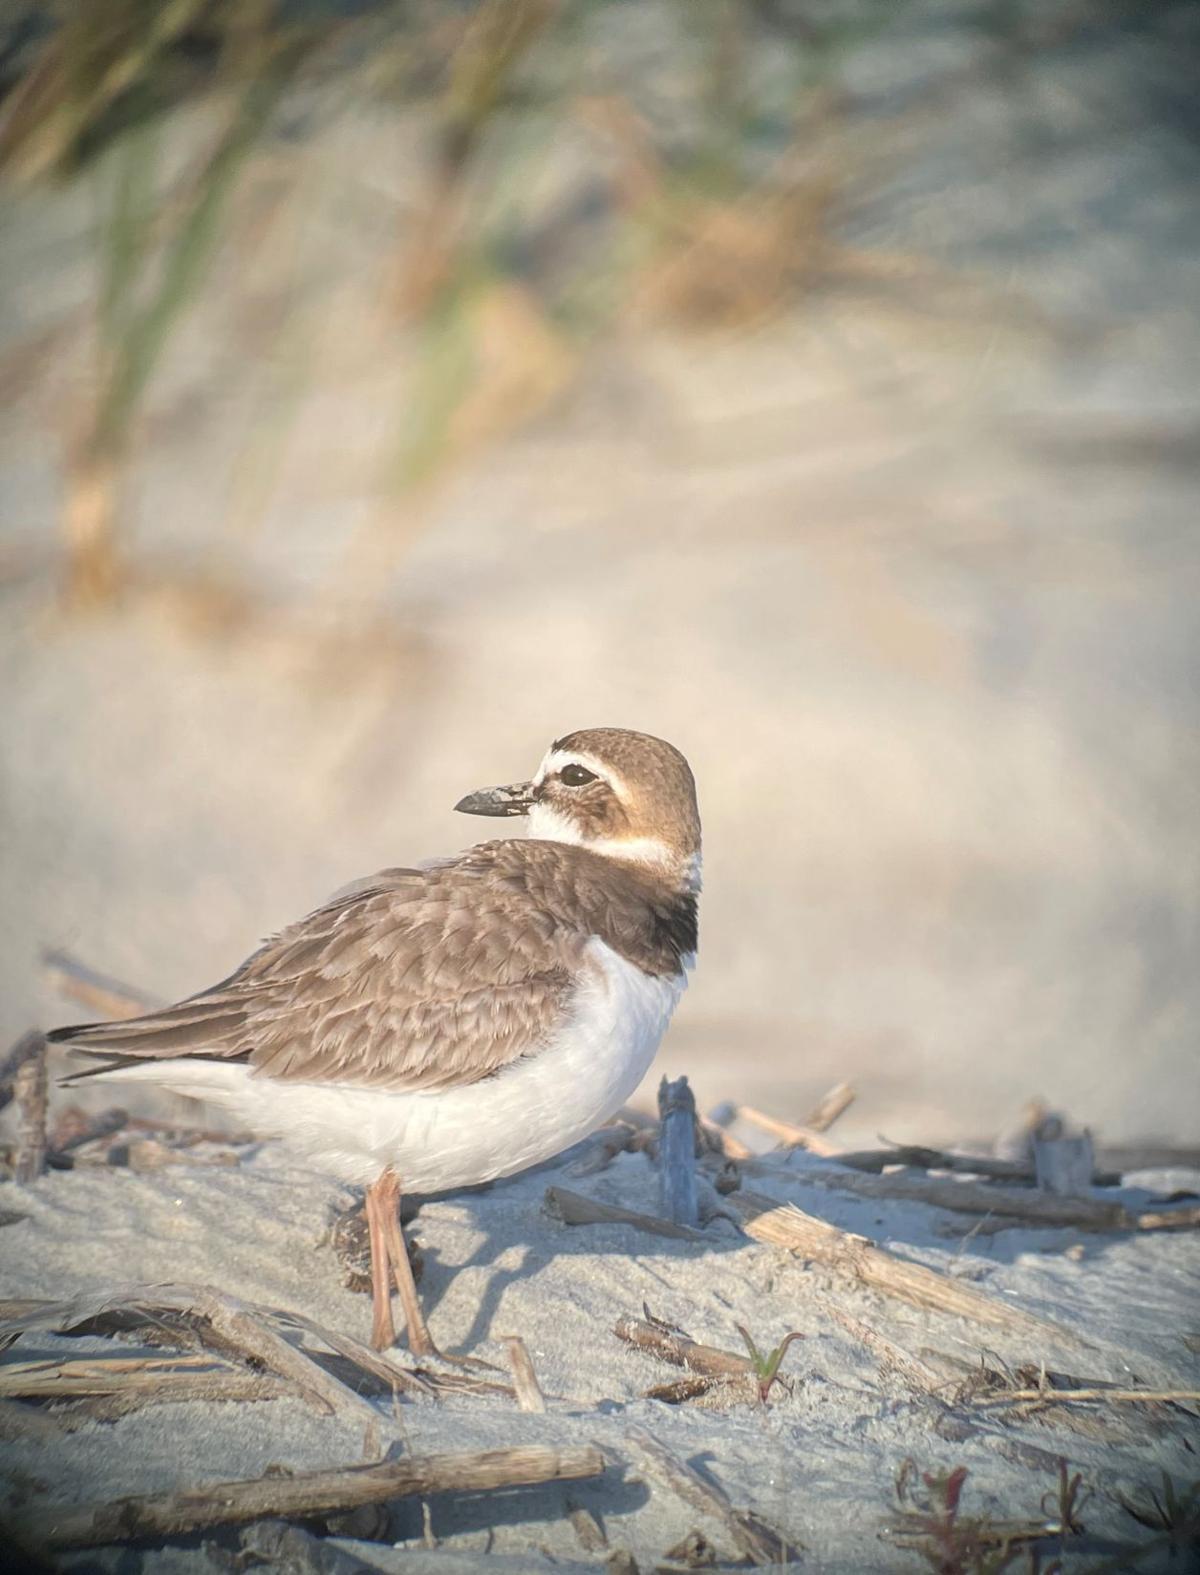 Nesting shorebirds